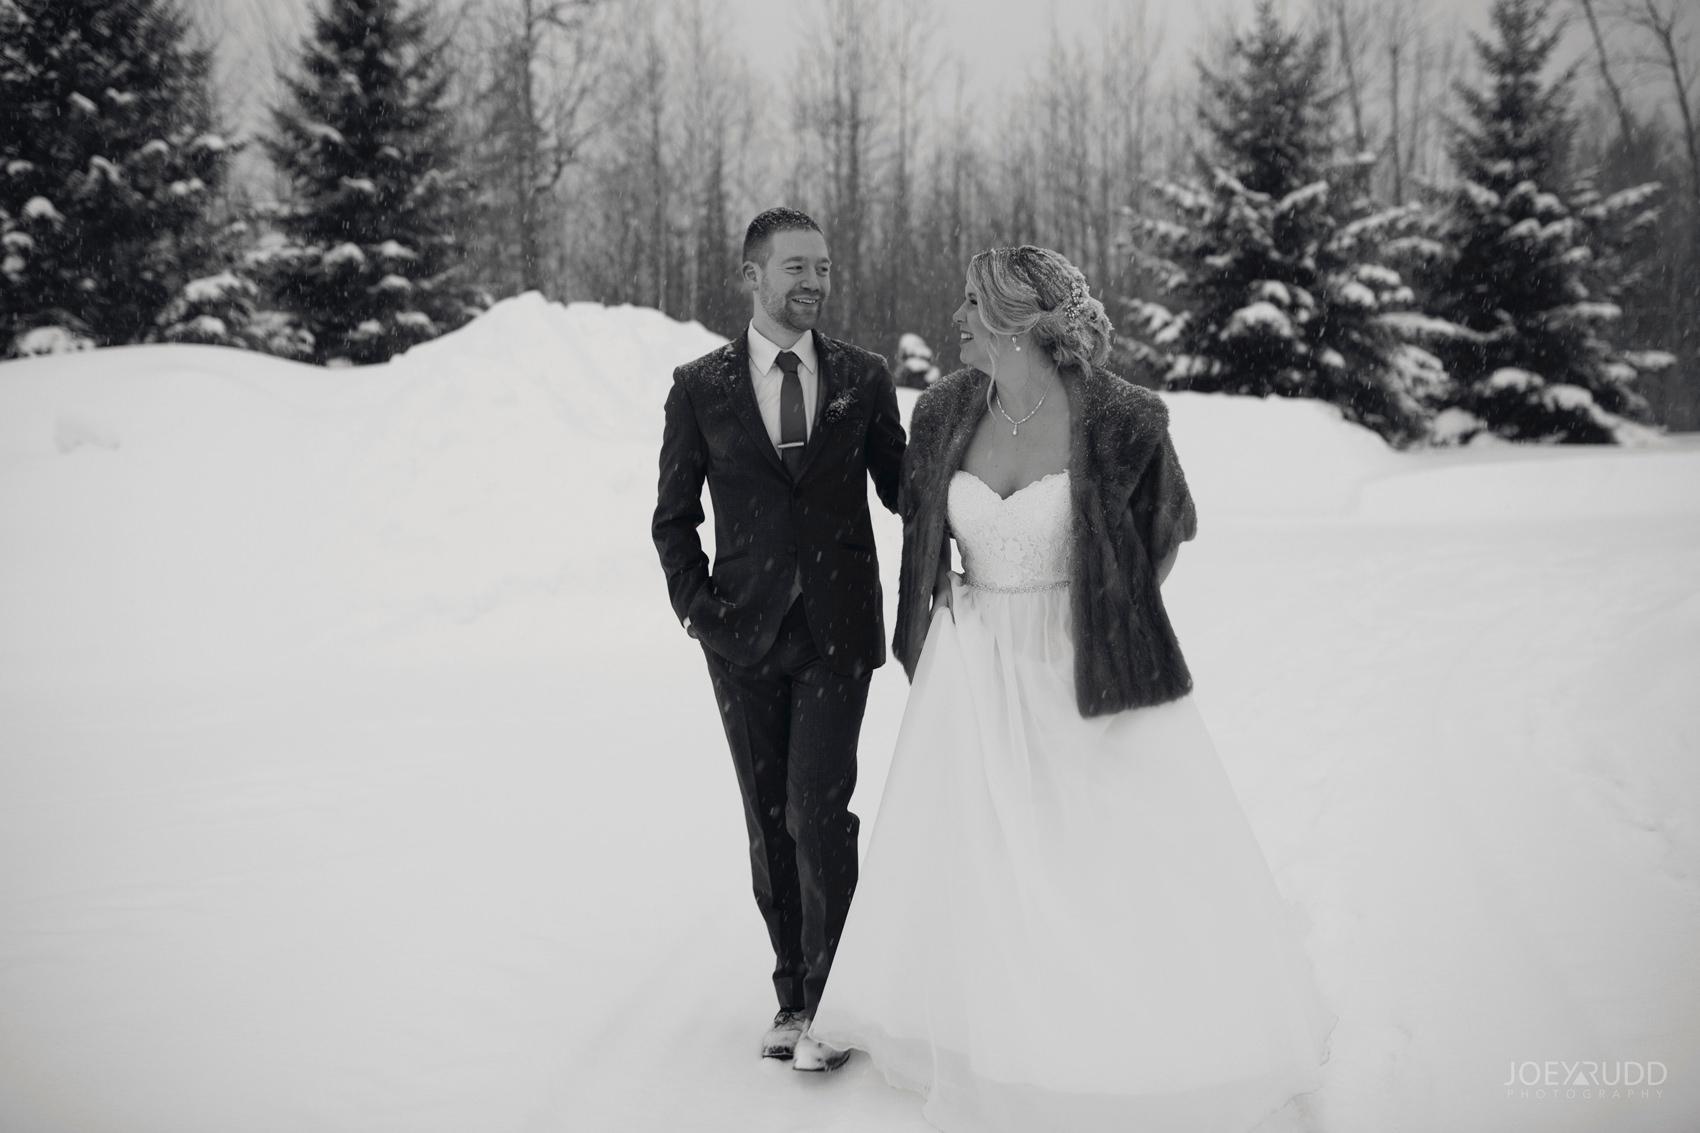 Winter Wedding in Ottawa at Greyhawk Golf Club by Ottawa Wedding Photographer Joey Rudd Photography Lifestyle